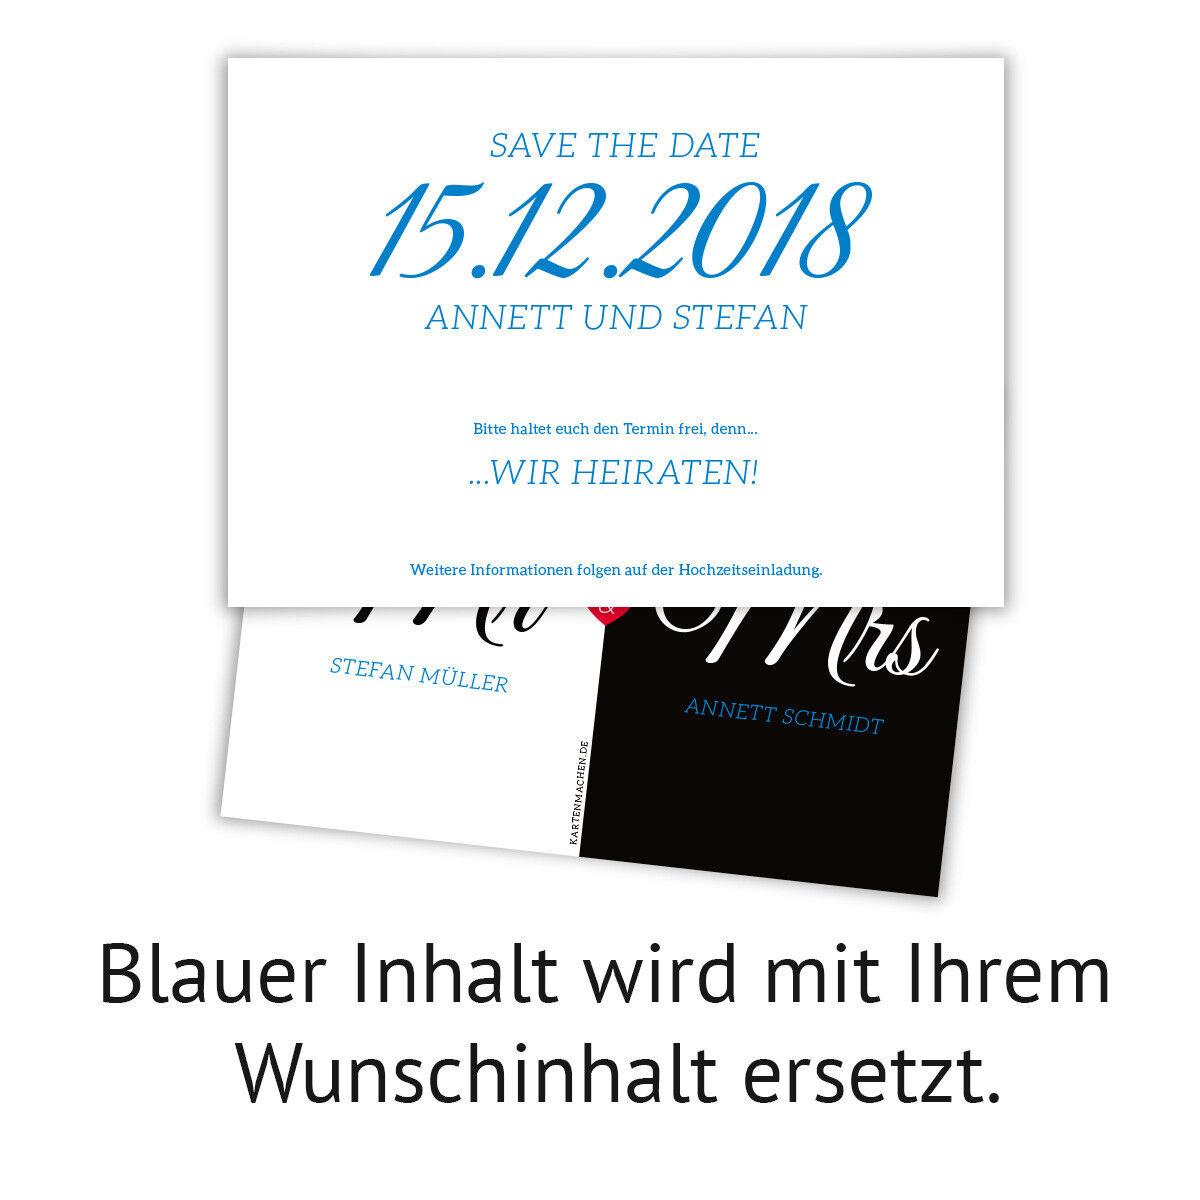 Hochzeit Save the Date Karten Karten Karten Hochzeitskarten individuell - Mr. & Mrs. | Einfach zu bedienen  | Hochwertige Materialien  6d0aa1